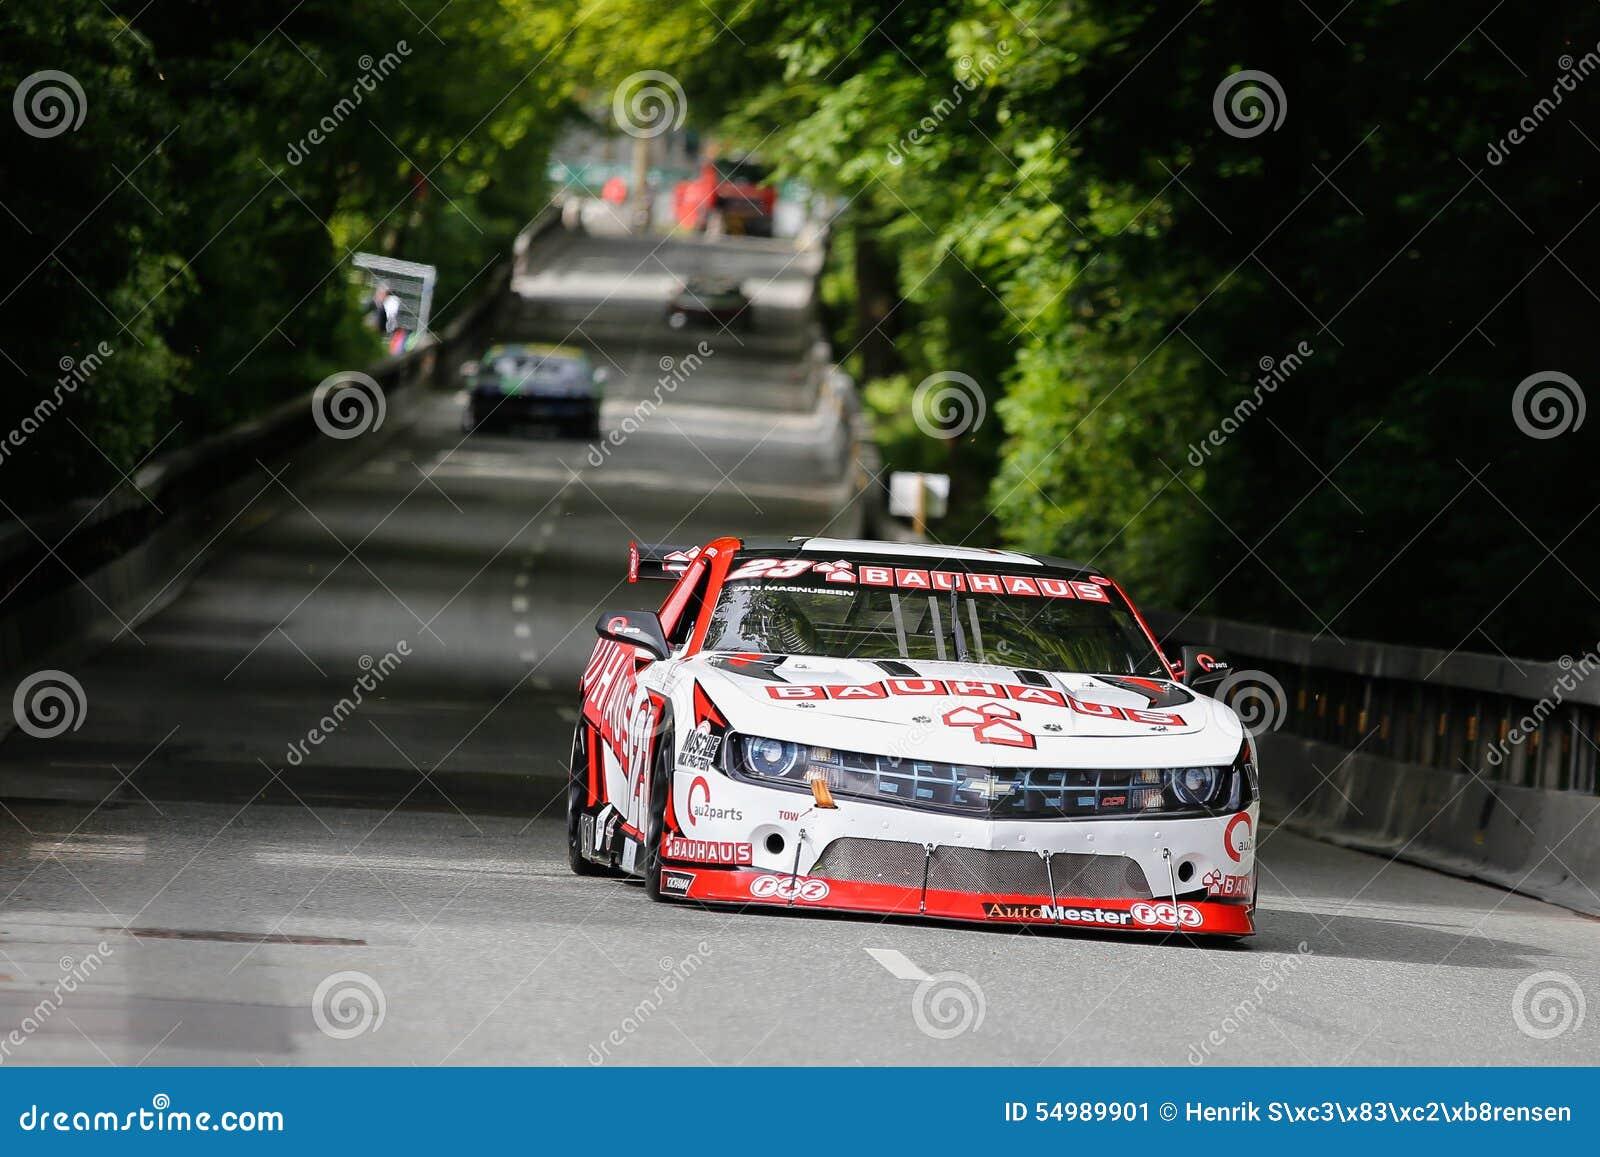 Jan Magnussen que gana la carrera